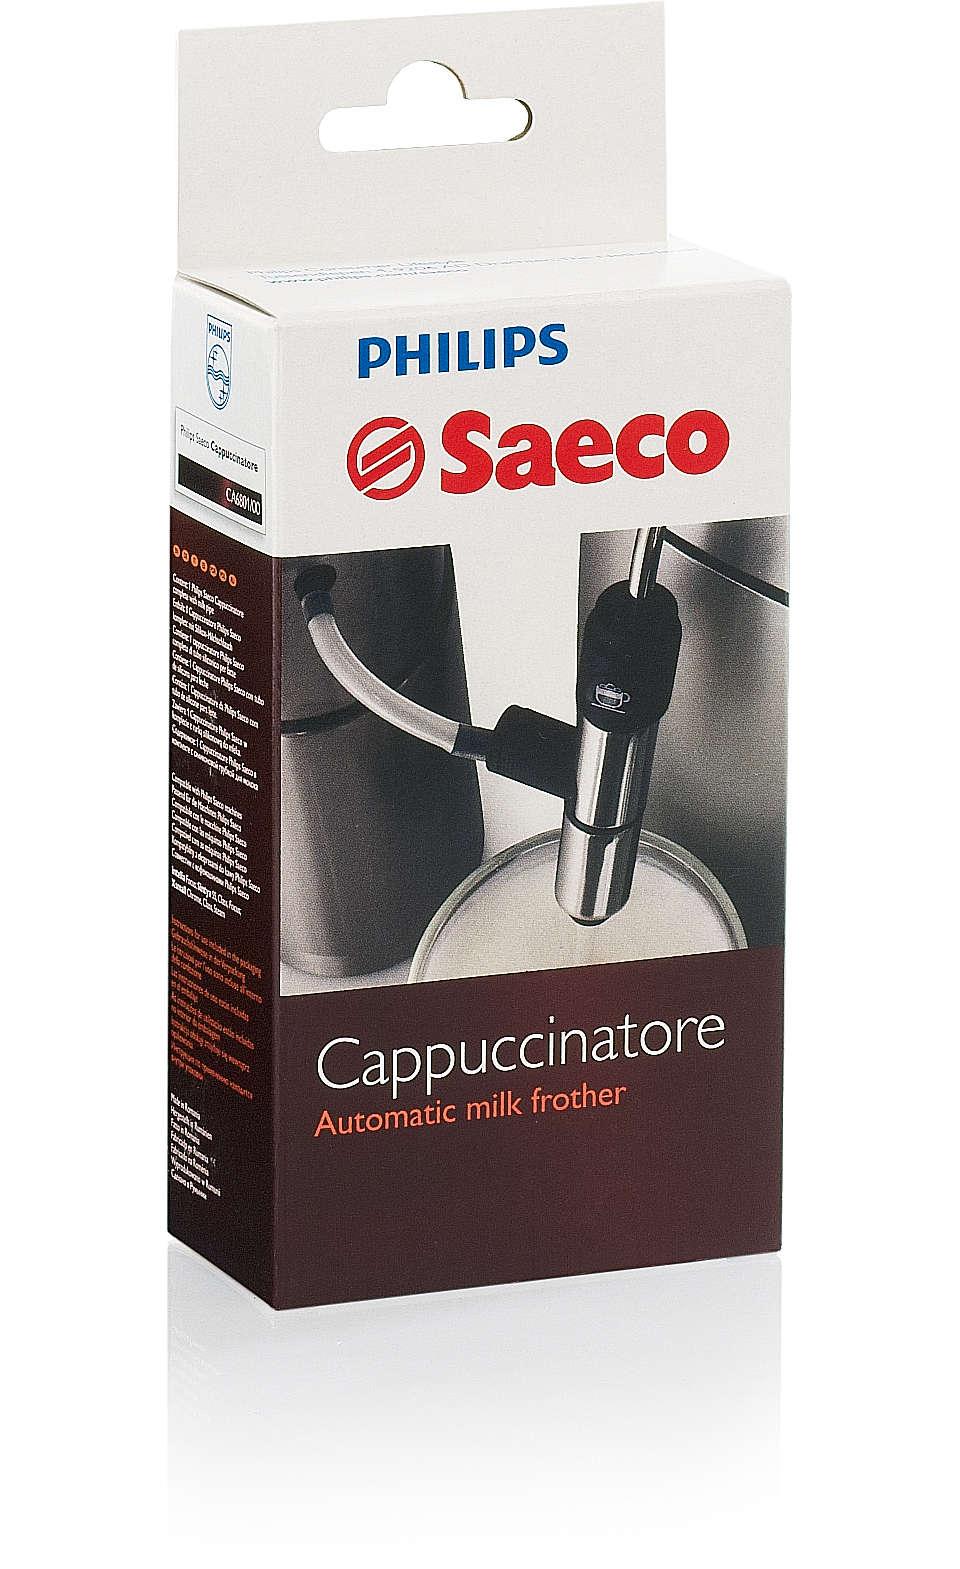 The original Italian Cappuccinatore for your Saeco